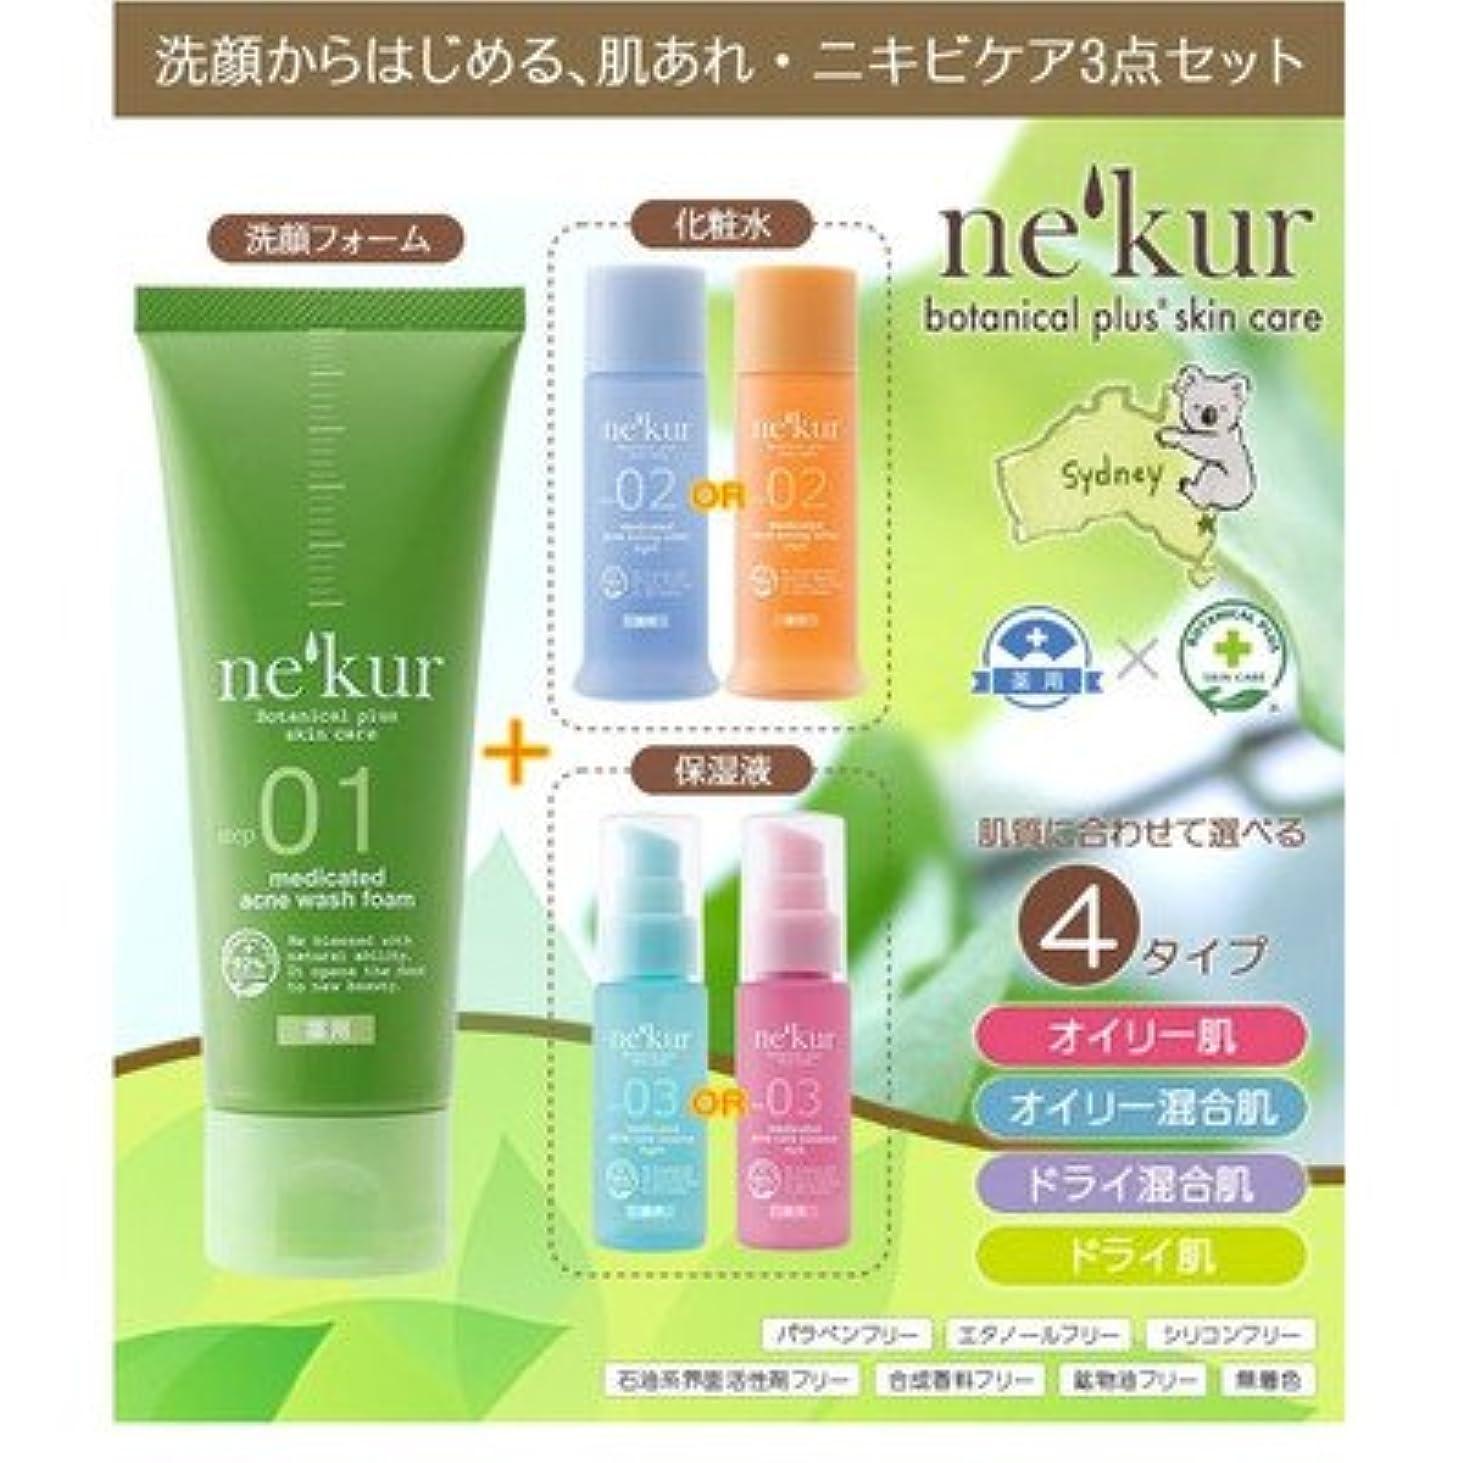 拒絶ヤング出費ネクア(nekur) ボタニカルプラススキンケア 薬用アクネ洗顔3点セット オイリー混合肌セット( 画像はイメージ画像です お届けの商品はオイリー混合肌セットのみとなります)